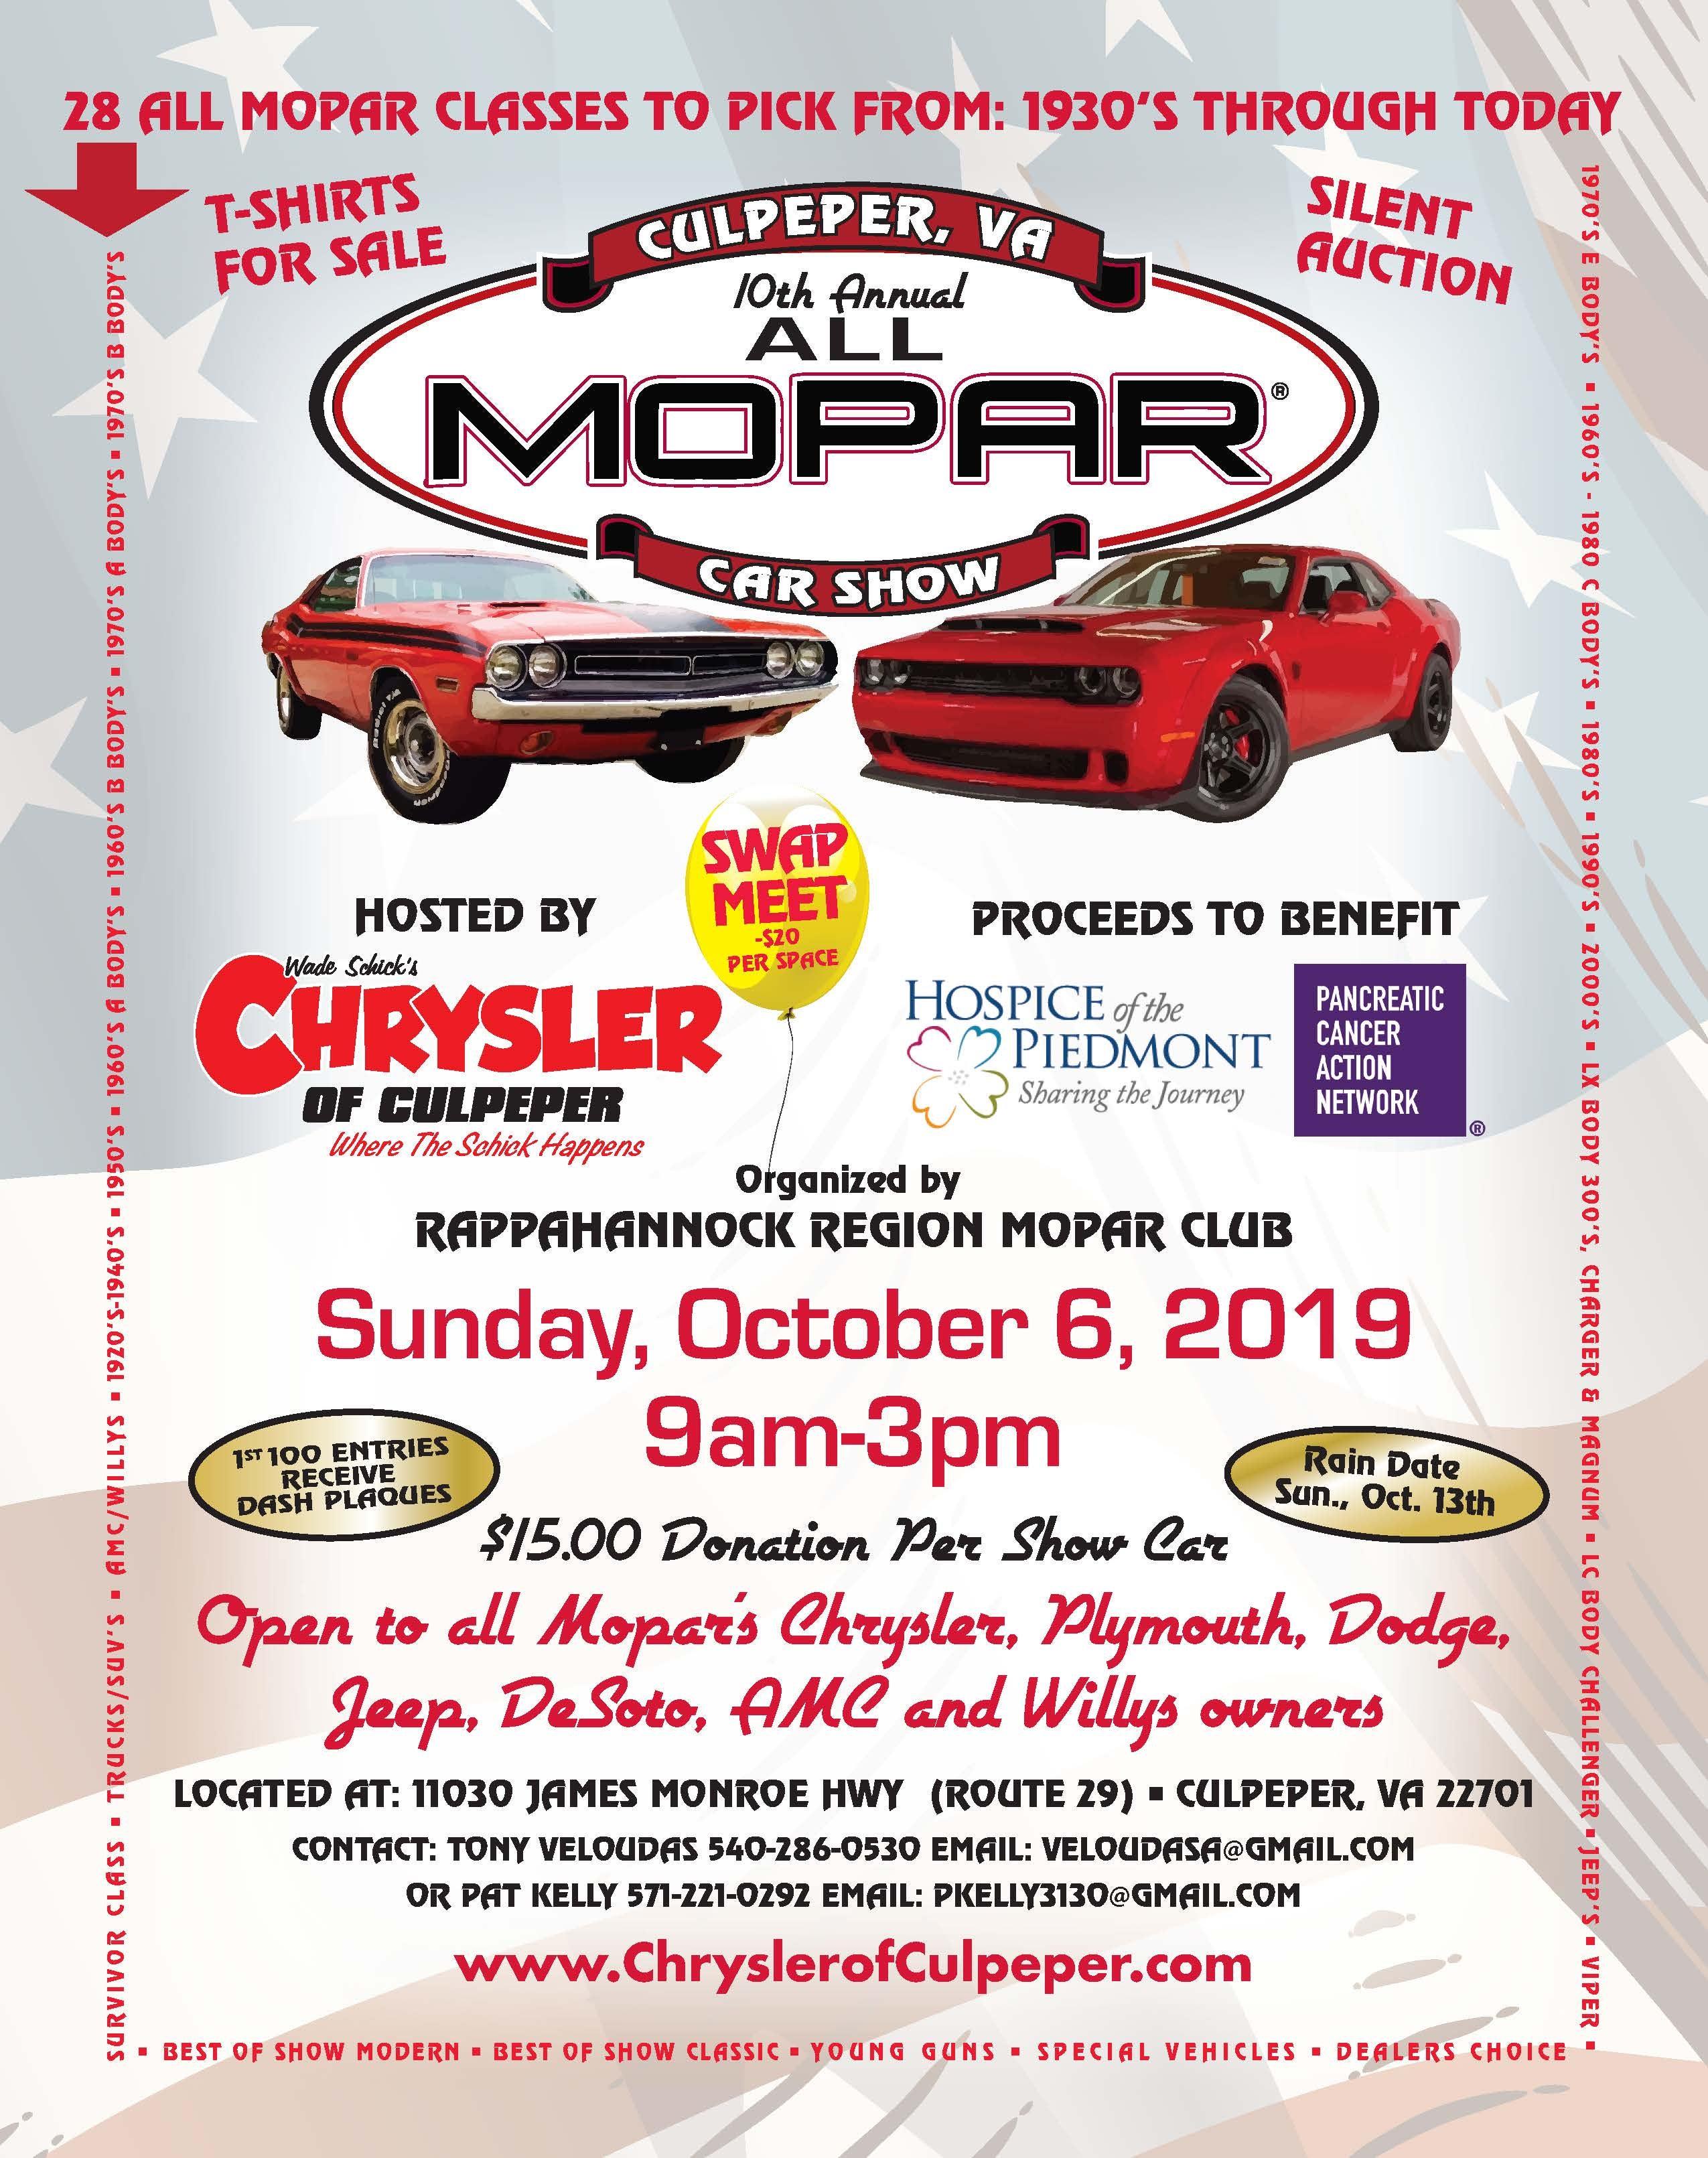 10th Annual All Mopar Car Show